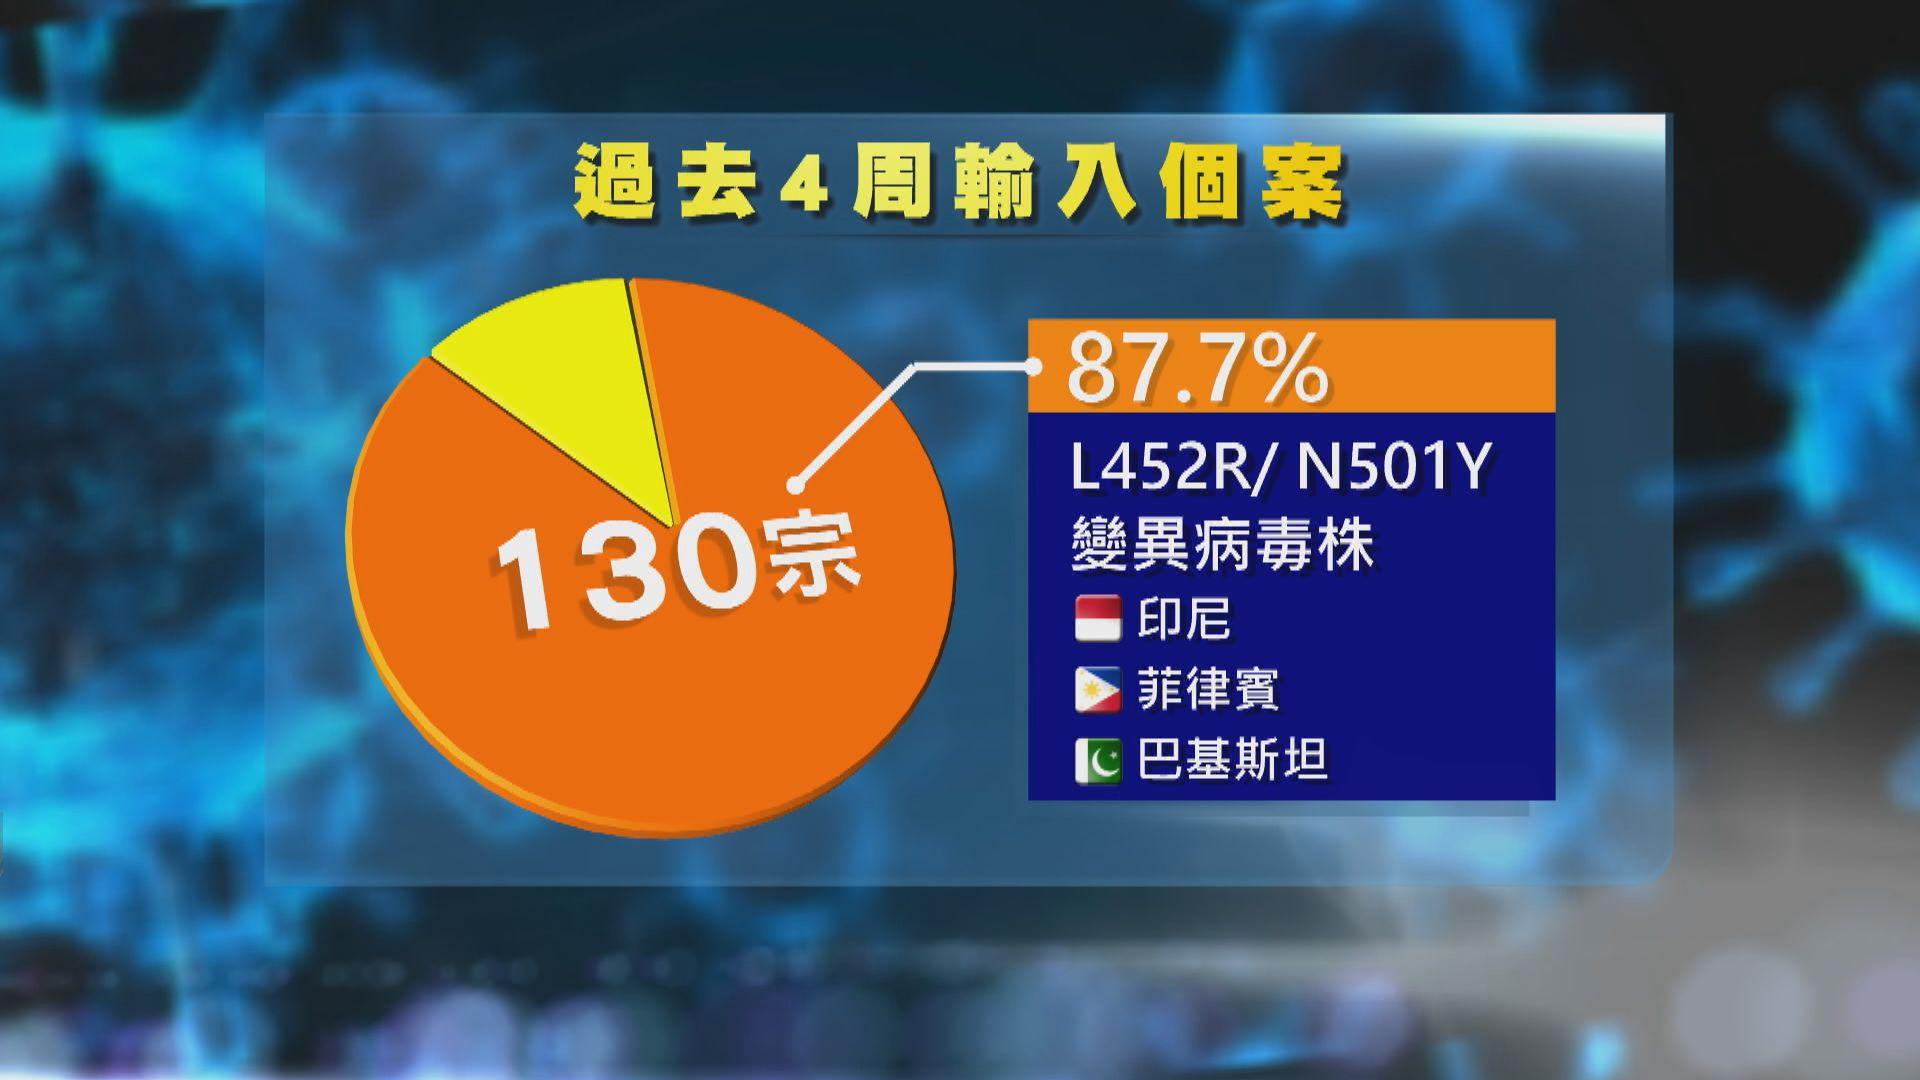 本港過去四周新冠病毒輸入個案逾八成七涉變異病毒株